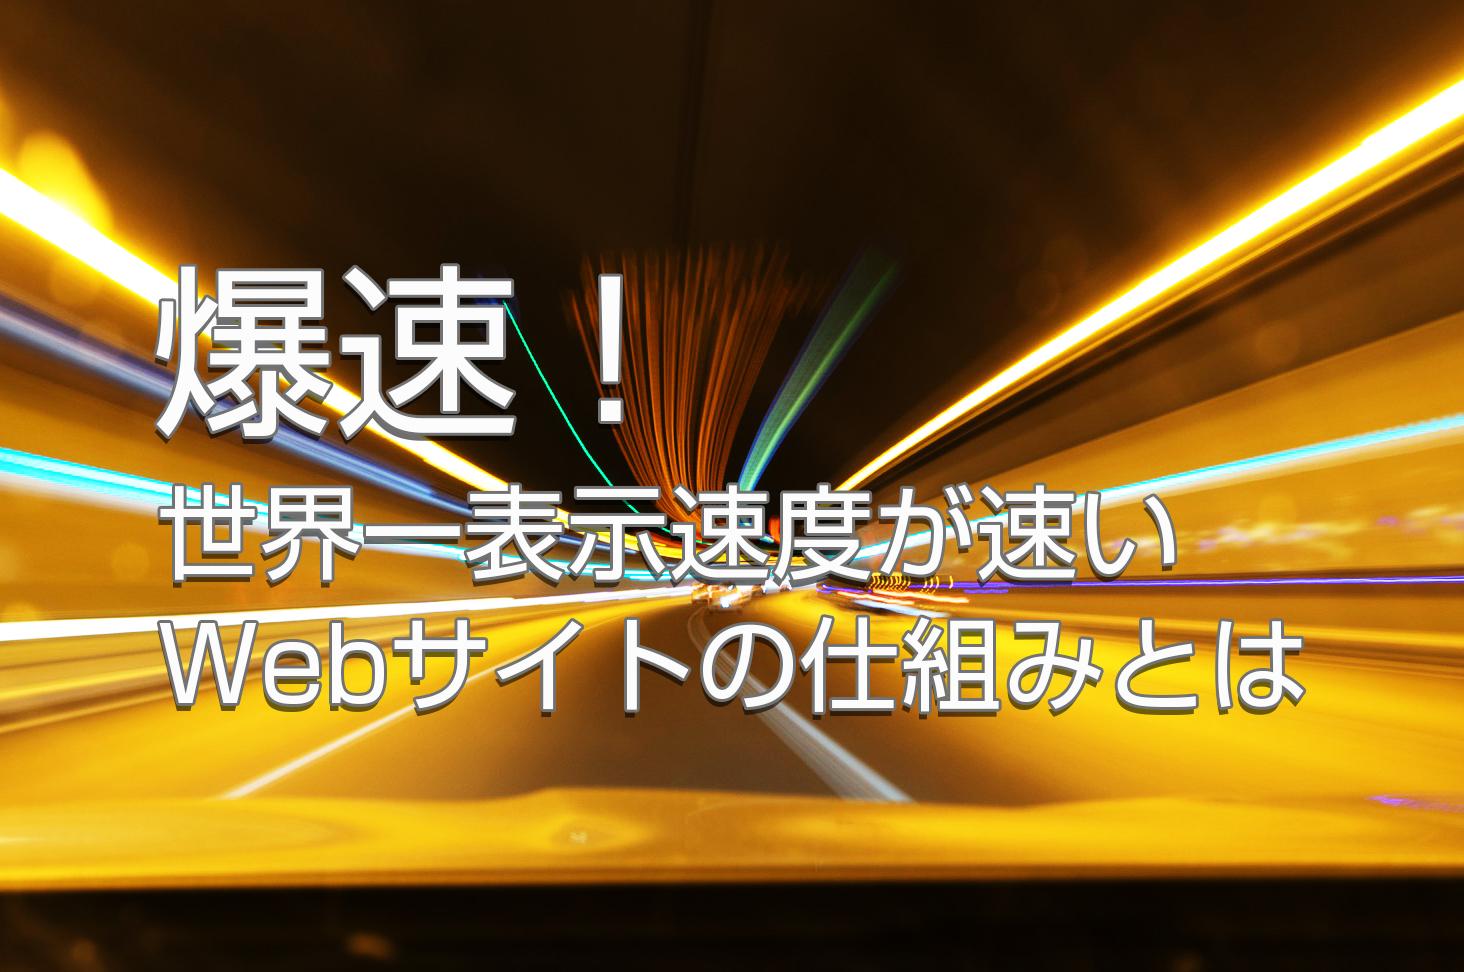 爆速!世界一表示速度が速いWebサイトの仕組みとは